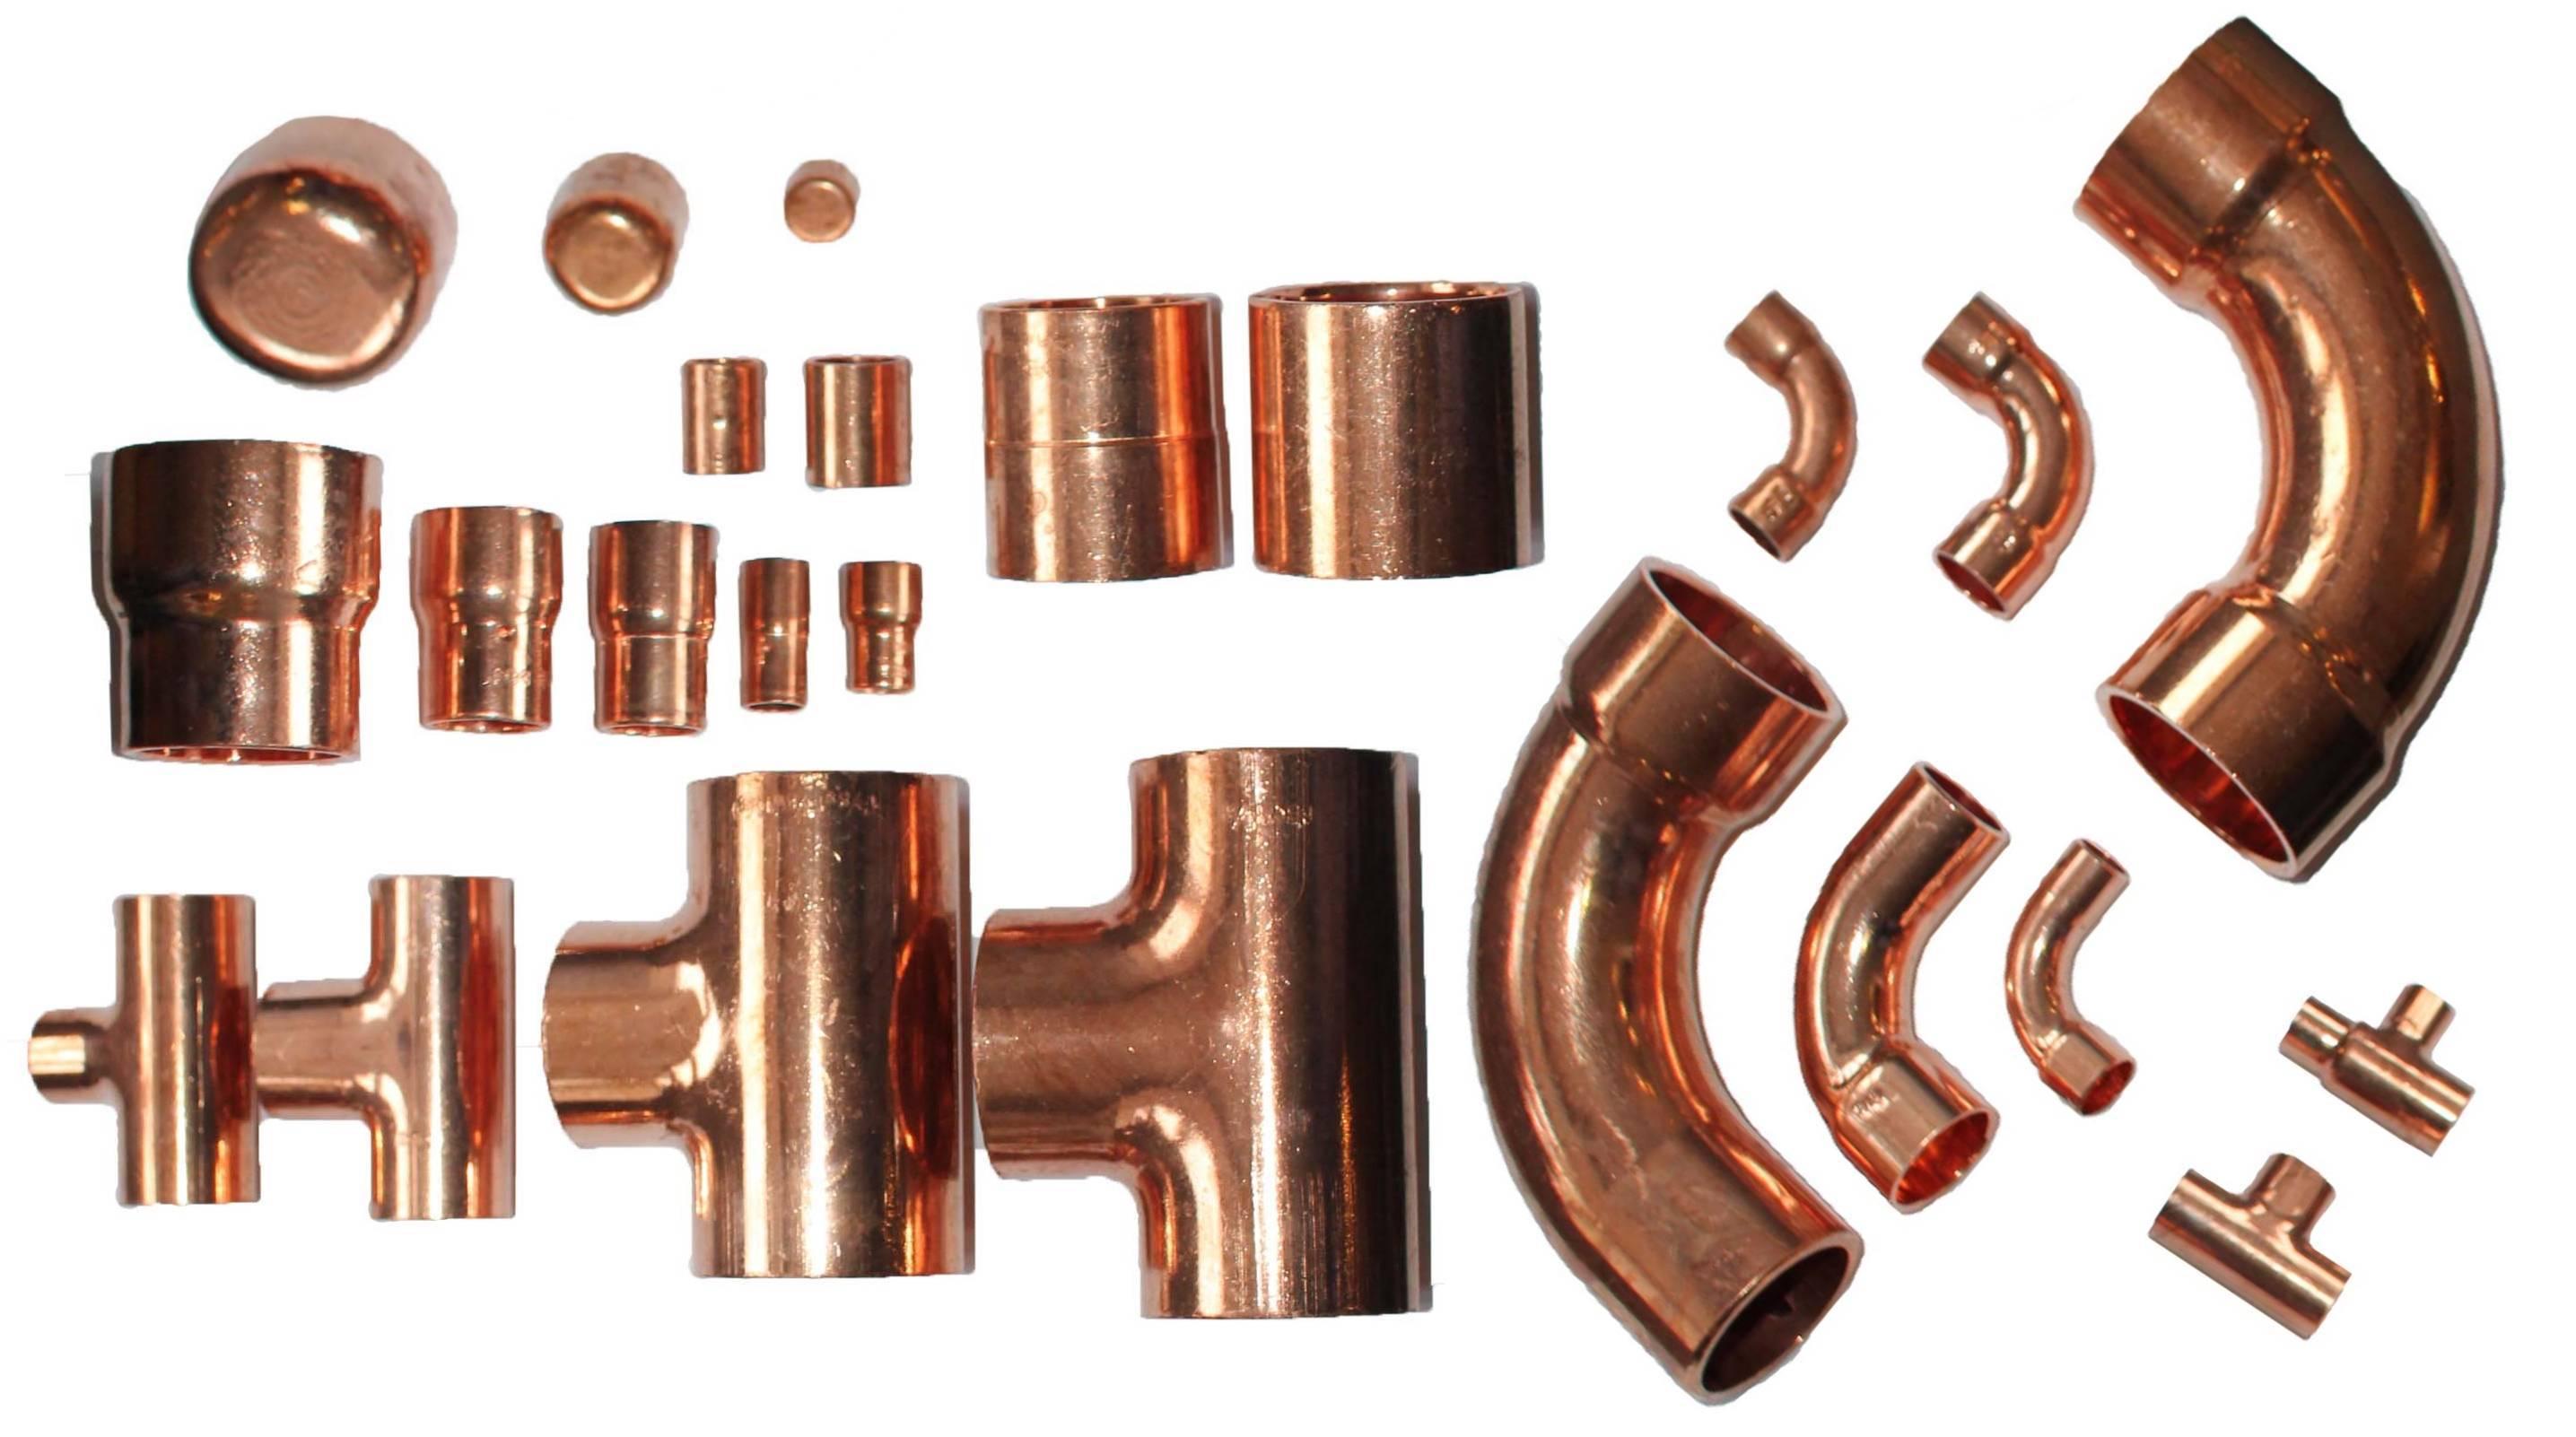 Медная труба (65 фото): диаметры вариантов для водопровода в таблице, особенности монтажа, как выбрать вальцовку, размеры водопроводной продукции